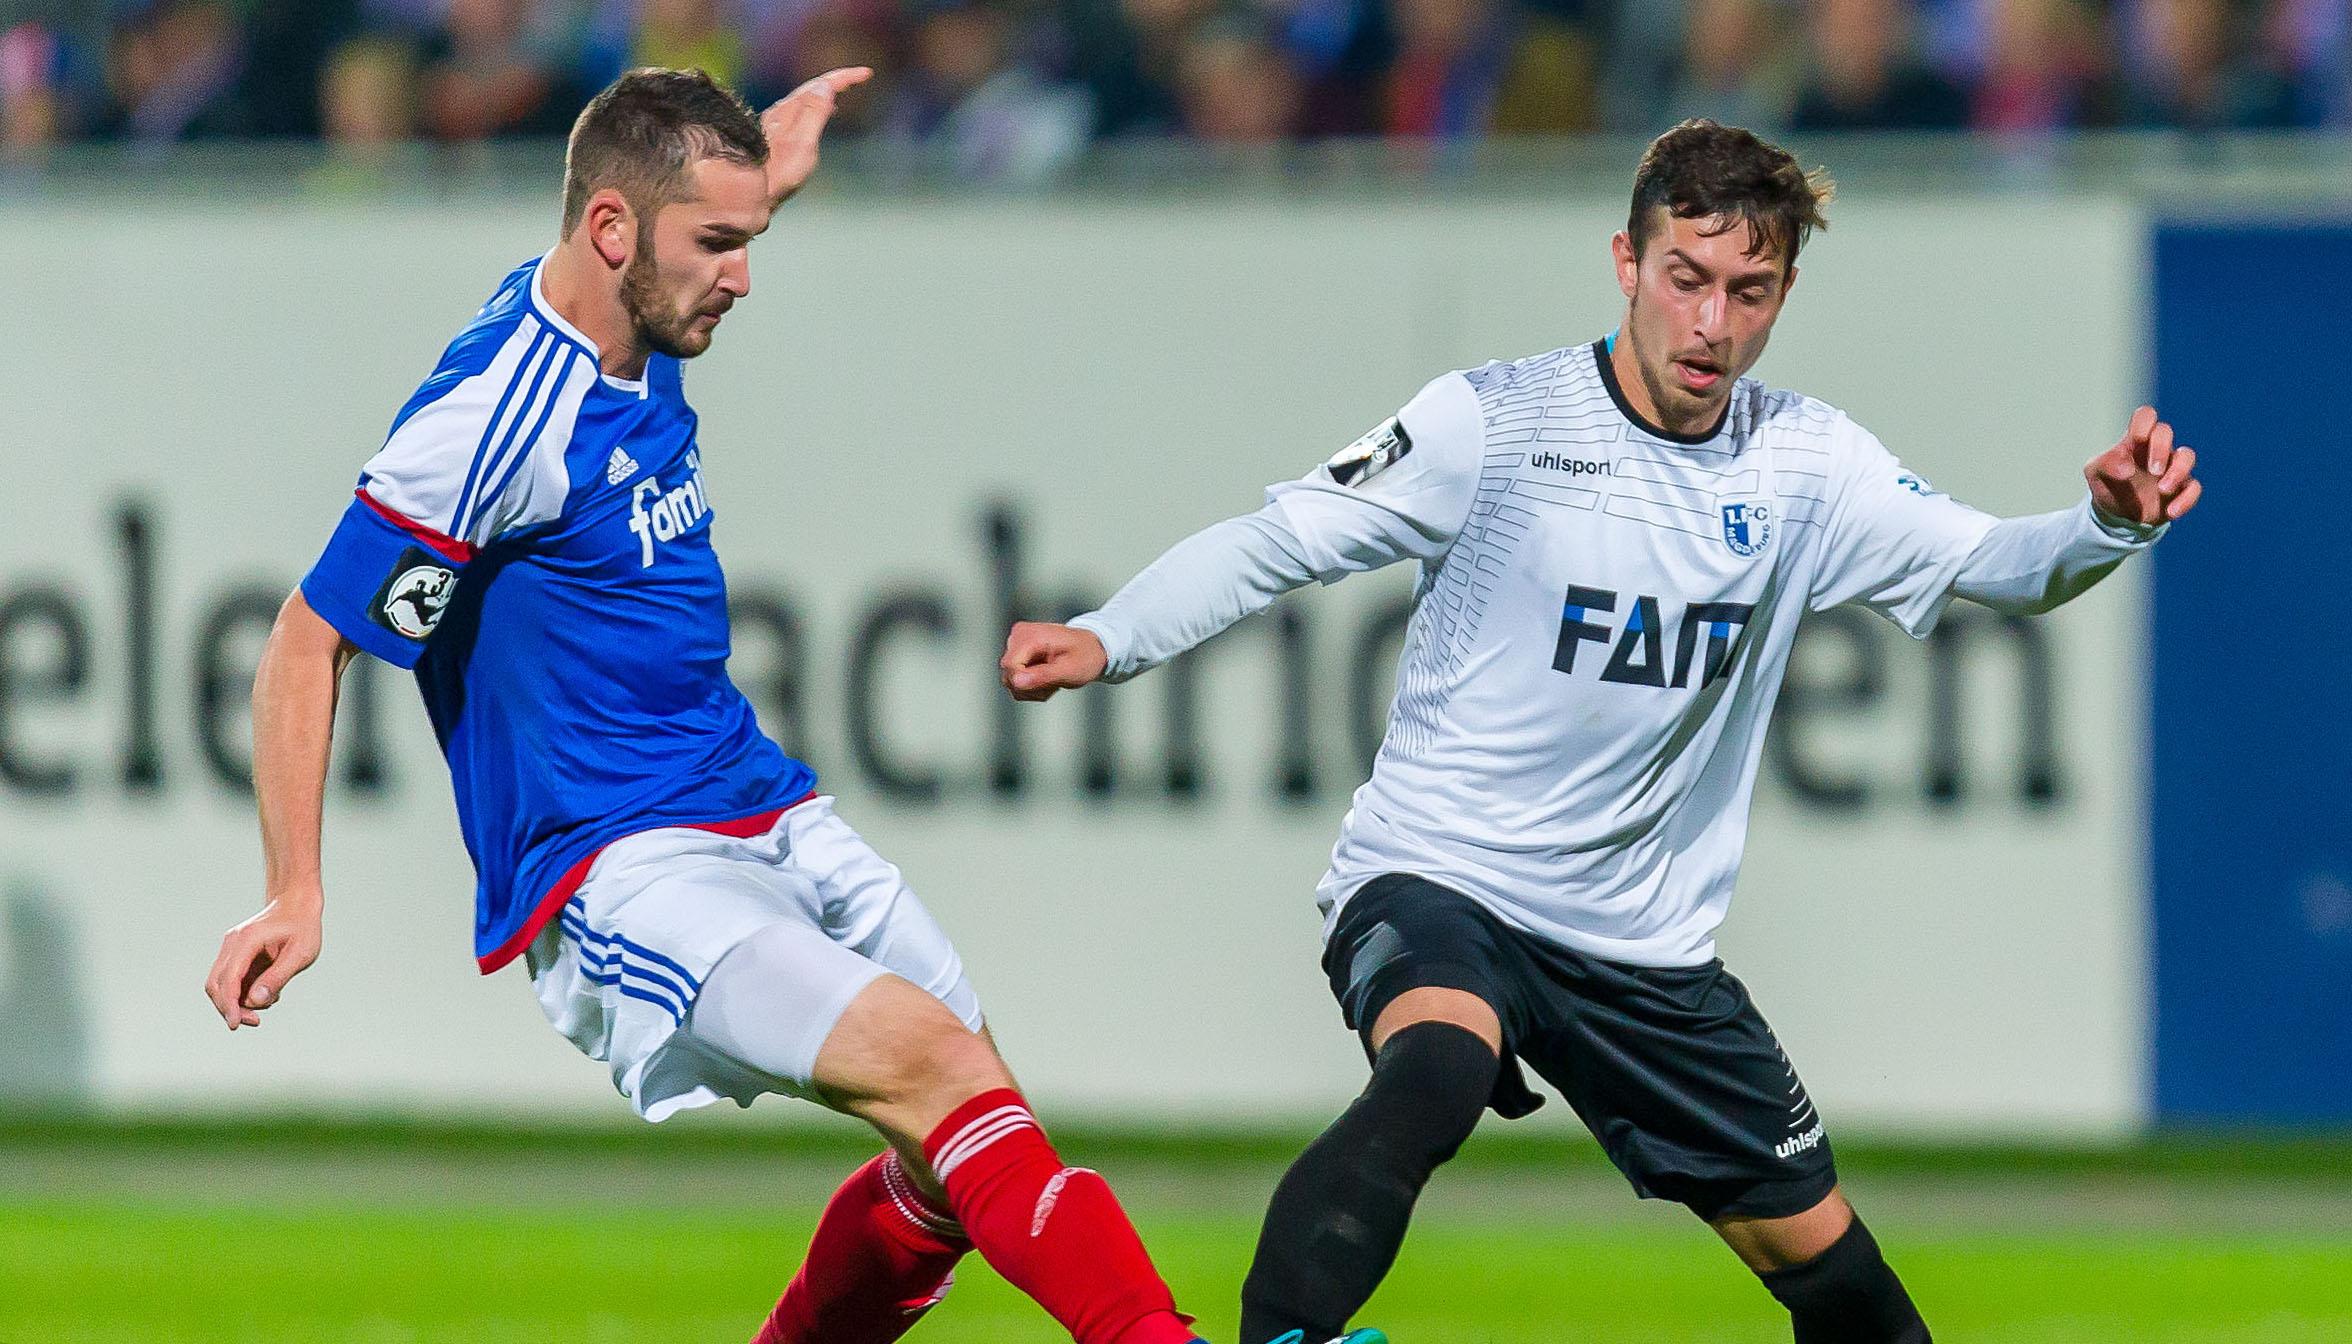 Holstein Kiel – 1. FC Magdeburg: Wiedersehen in Liga 2